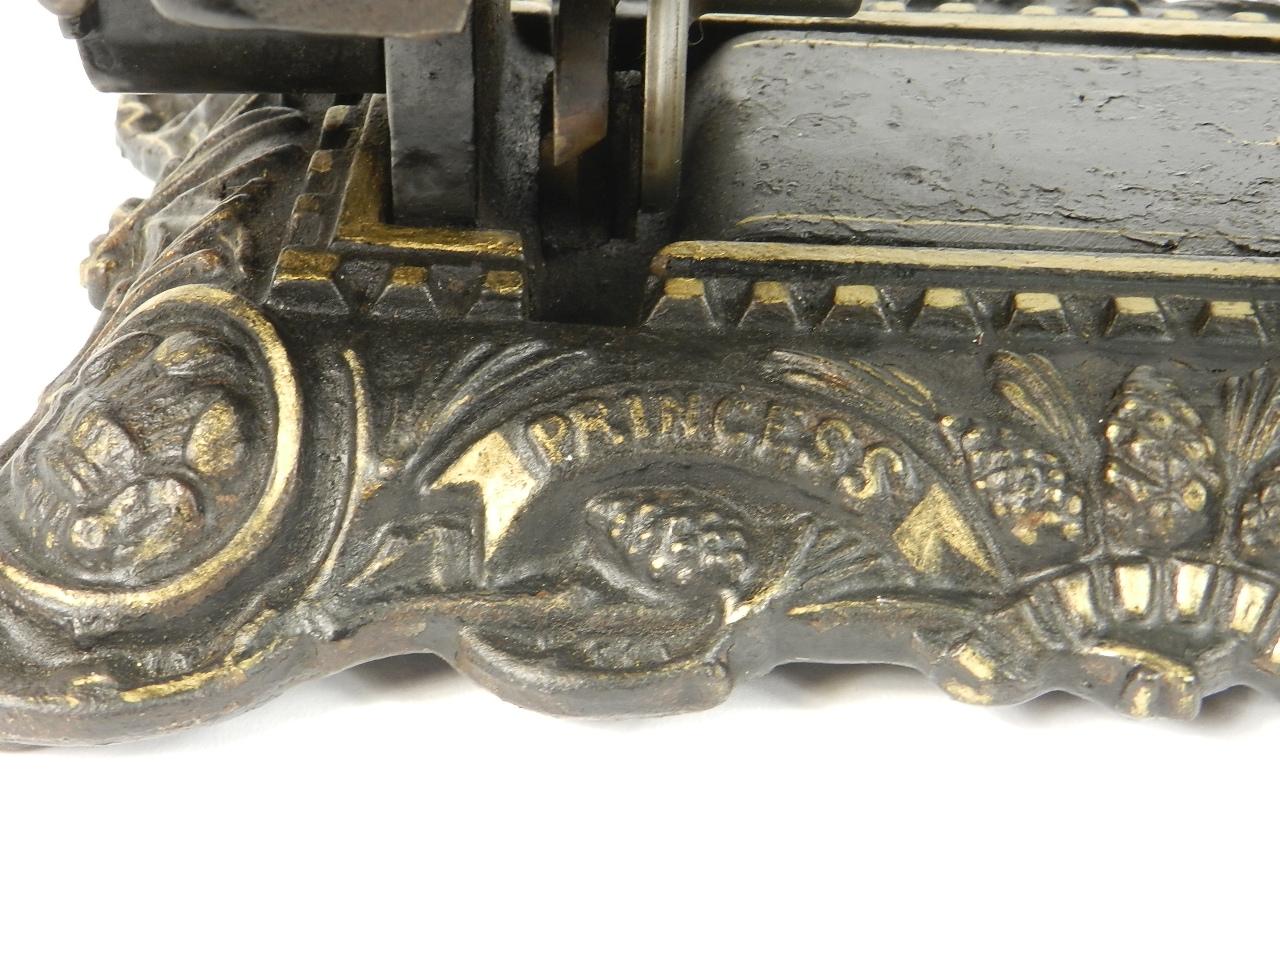 Imagen PRINCESS OF WALES AÑO 1878 33138